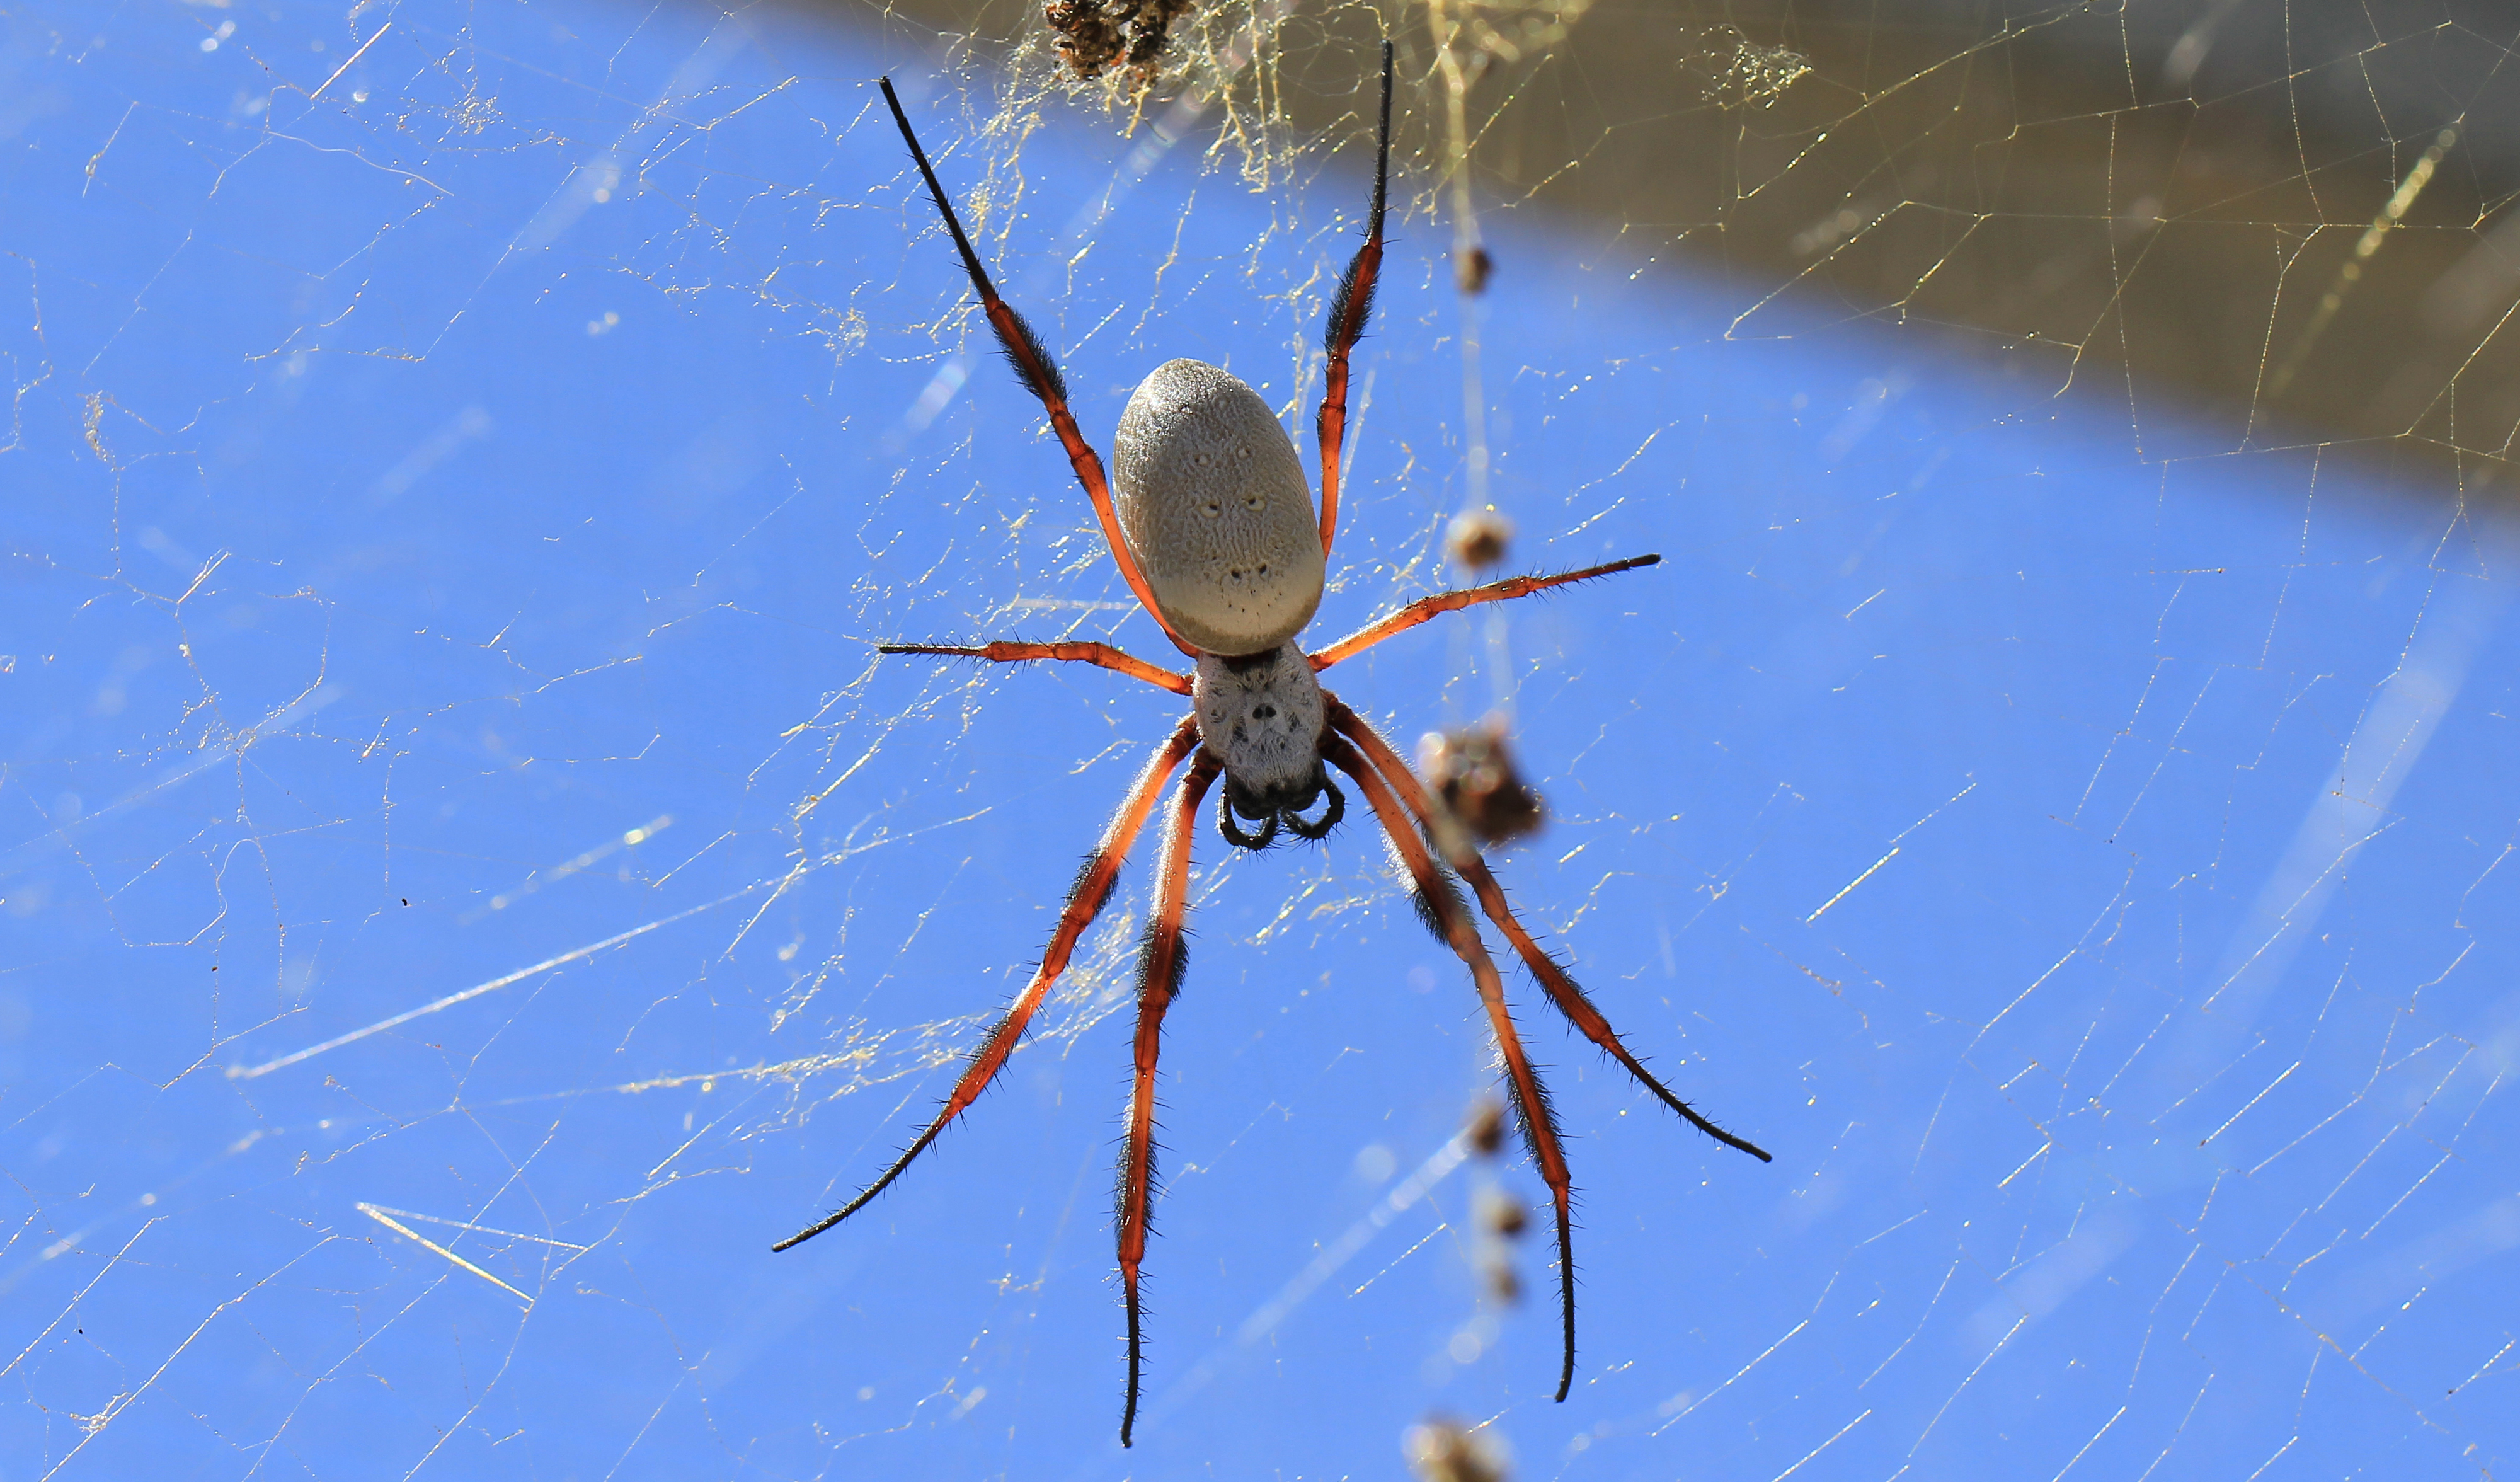 La seda de esta araña puede hacer crecer tus nervios de manera acelerada